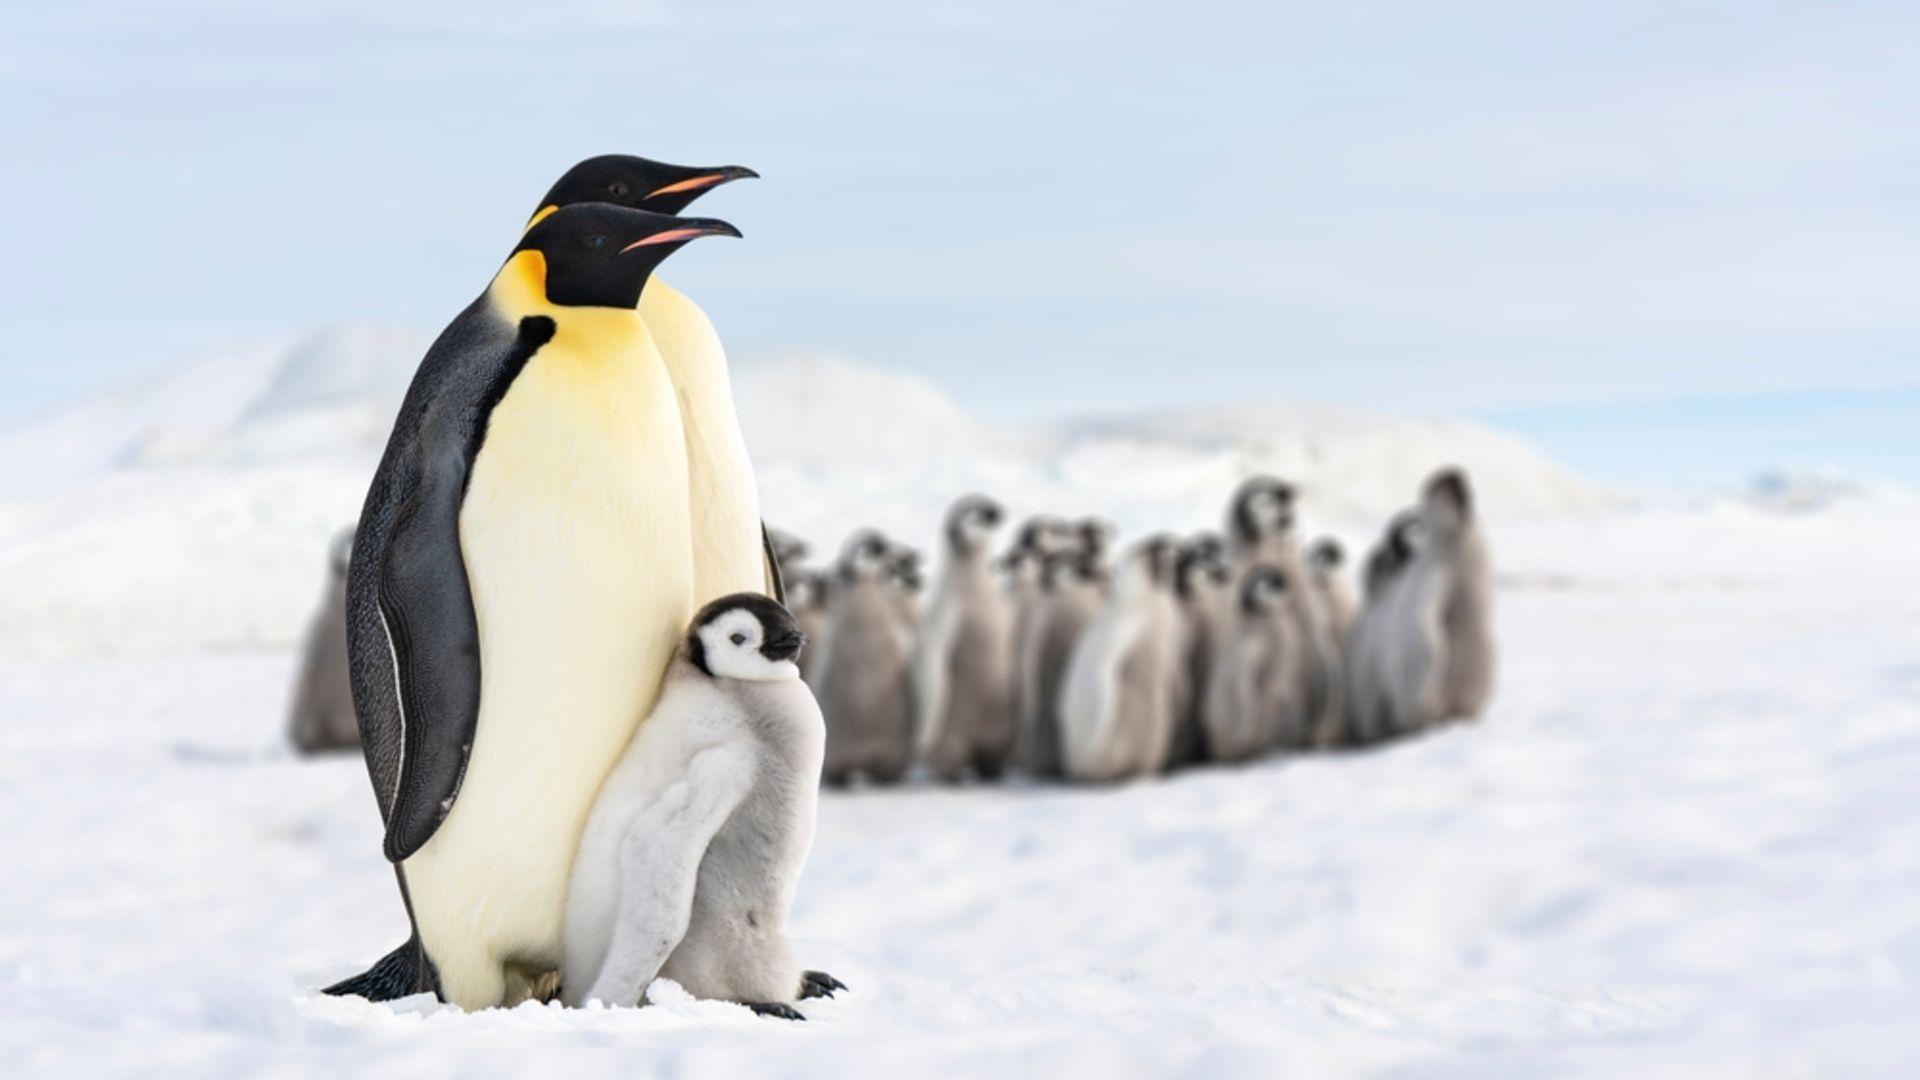 Çocuklarla birlikte izlenebilecek 14 belgesel